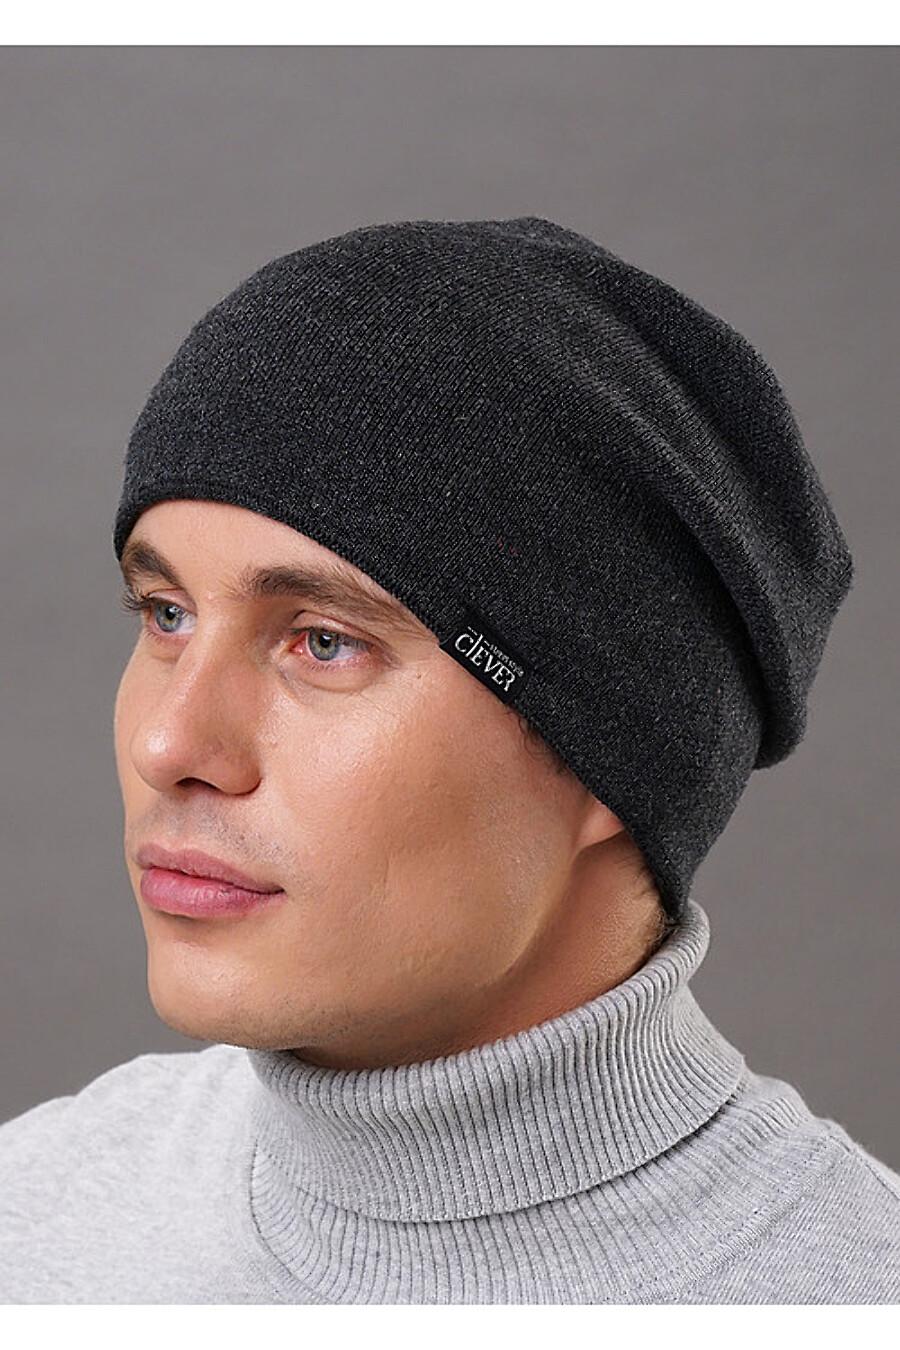 Шапка для мужчин CLEVER 155391 купить оптом от производителя. Совместная покупка мужской одежды в OptMoyo